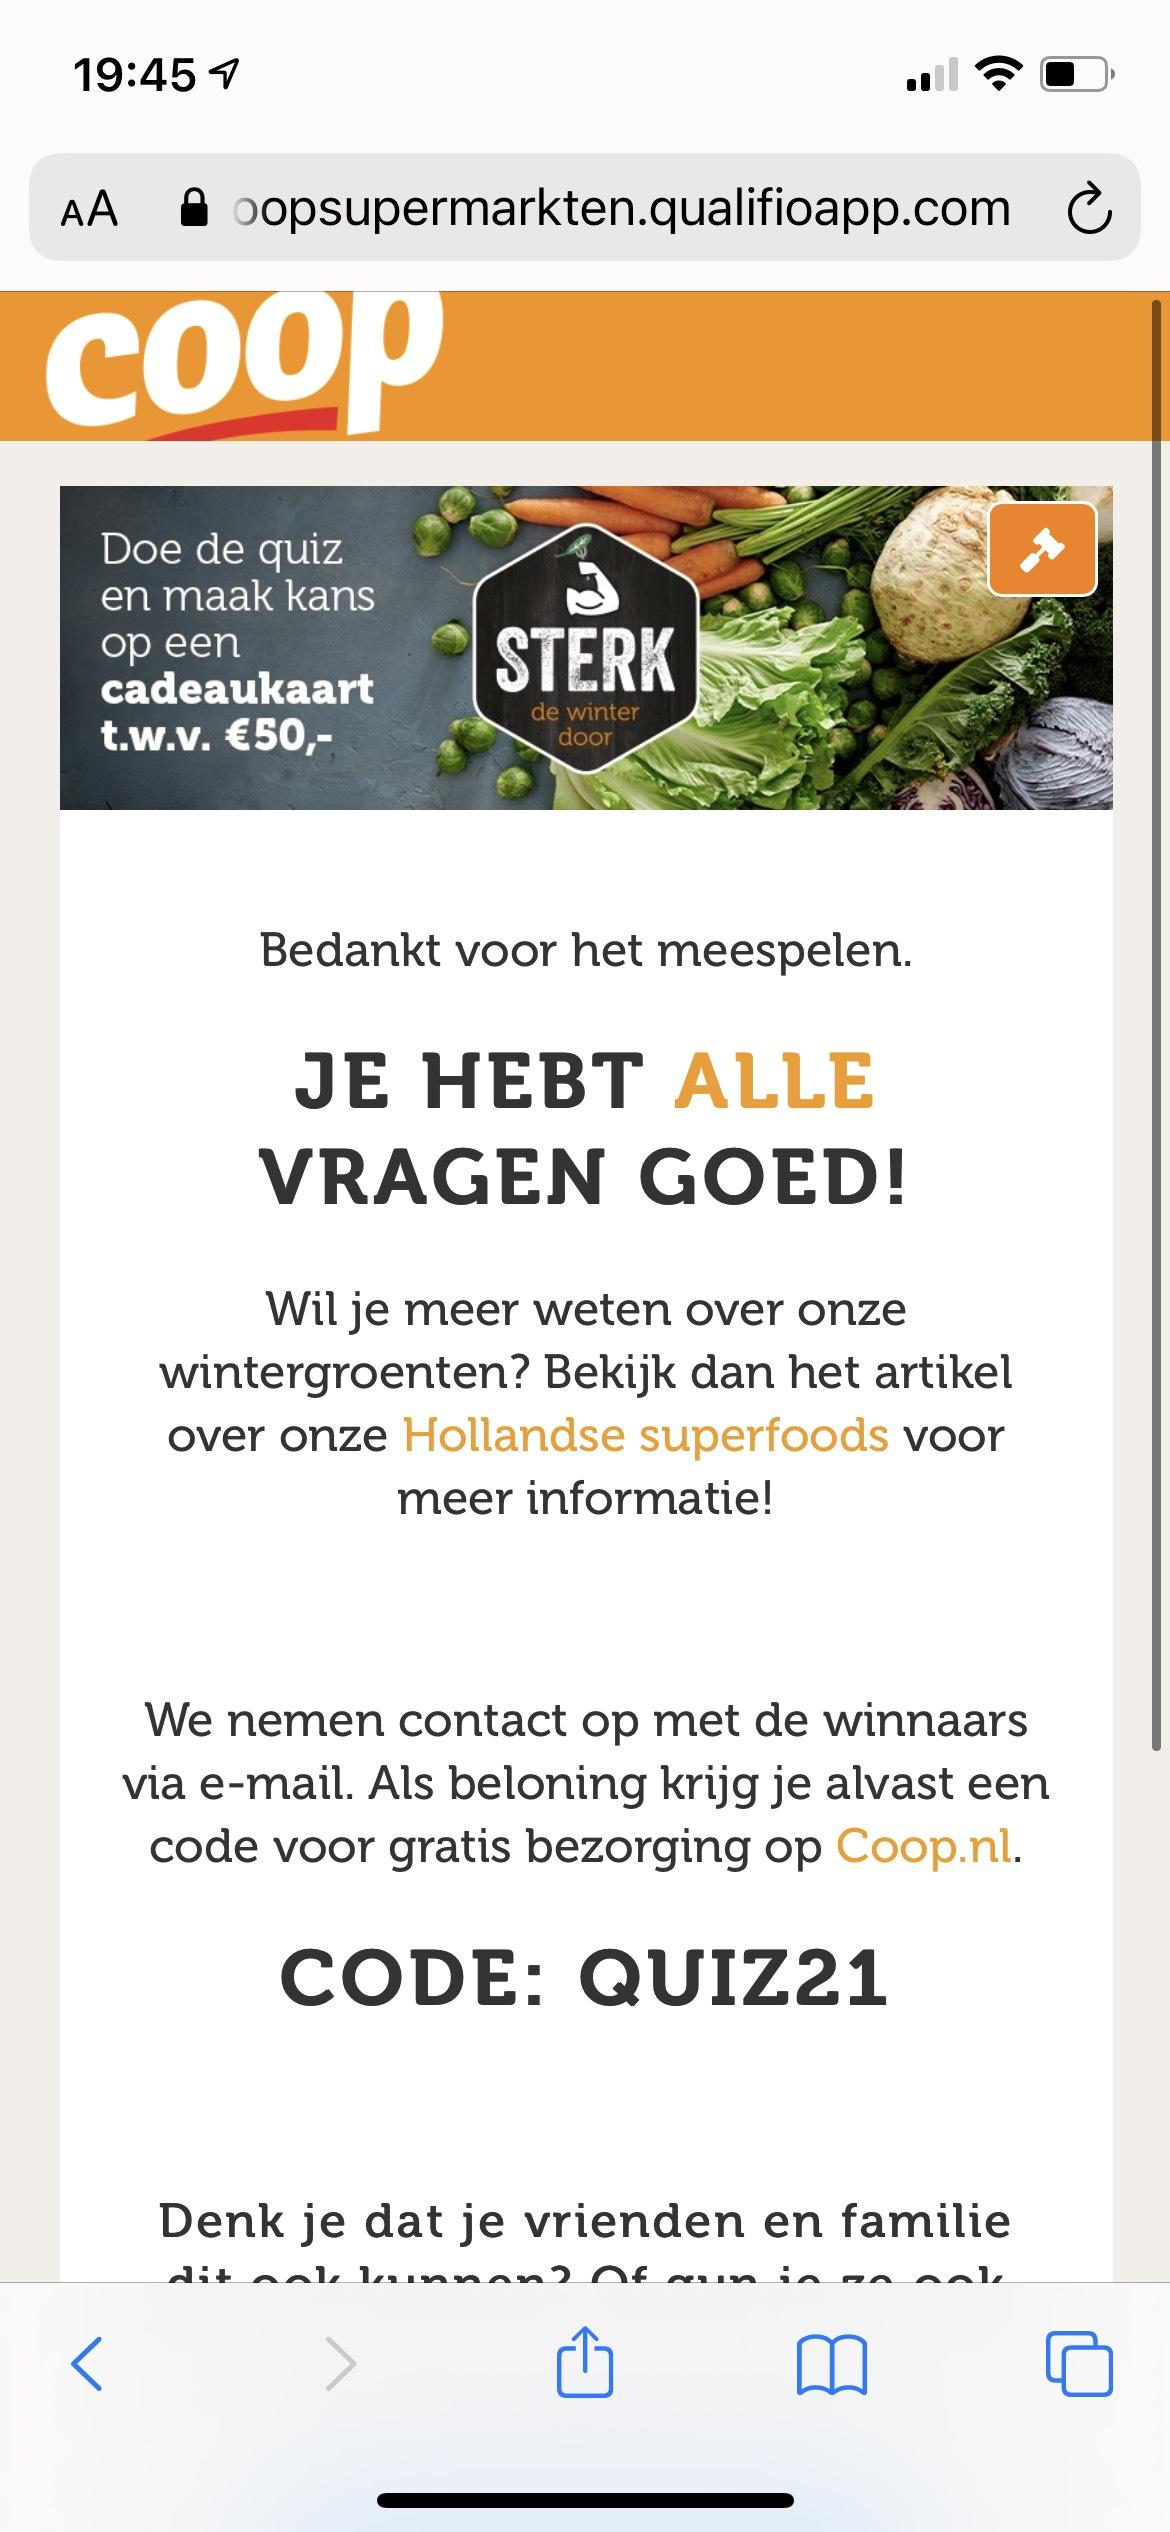 Coop gratis bezorging & kans op €50